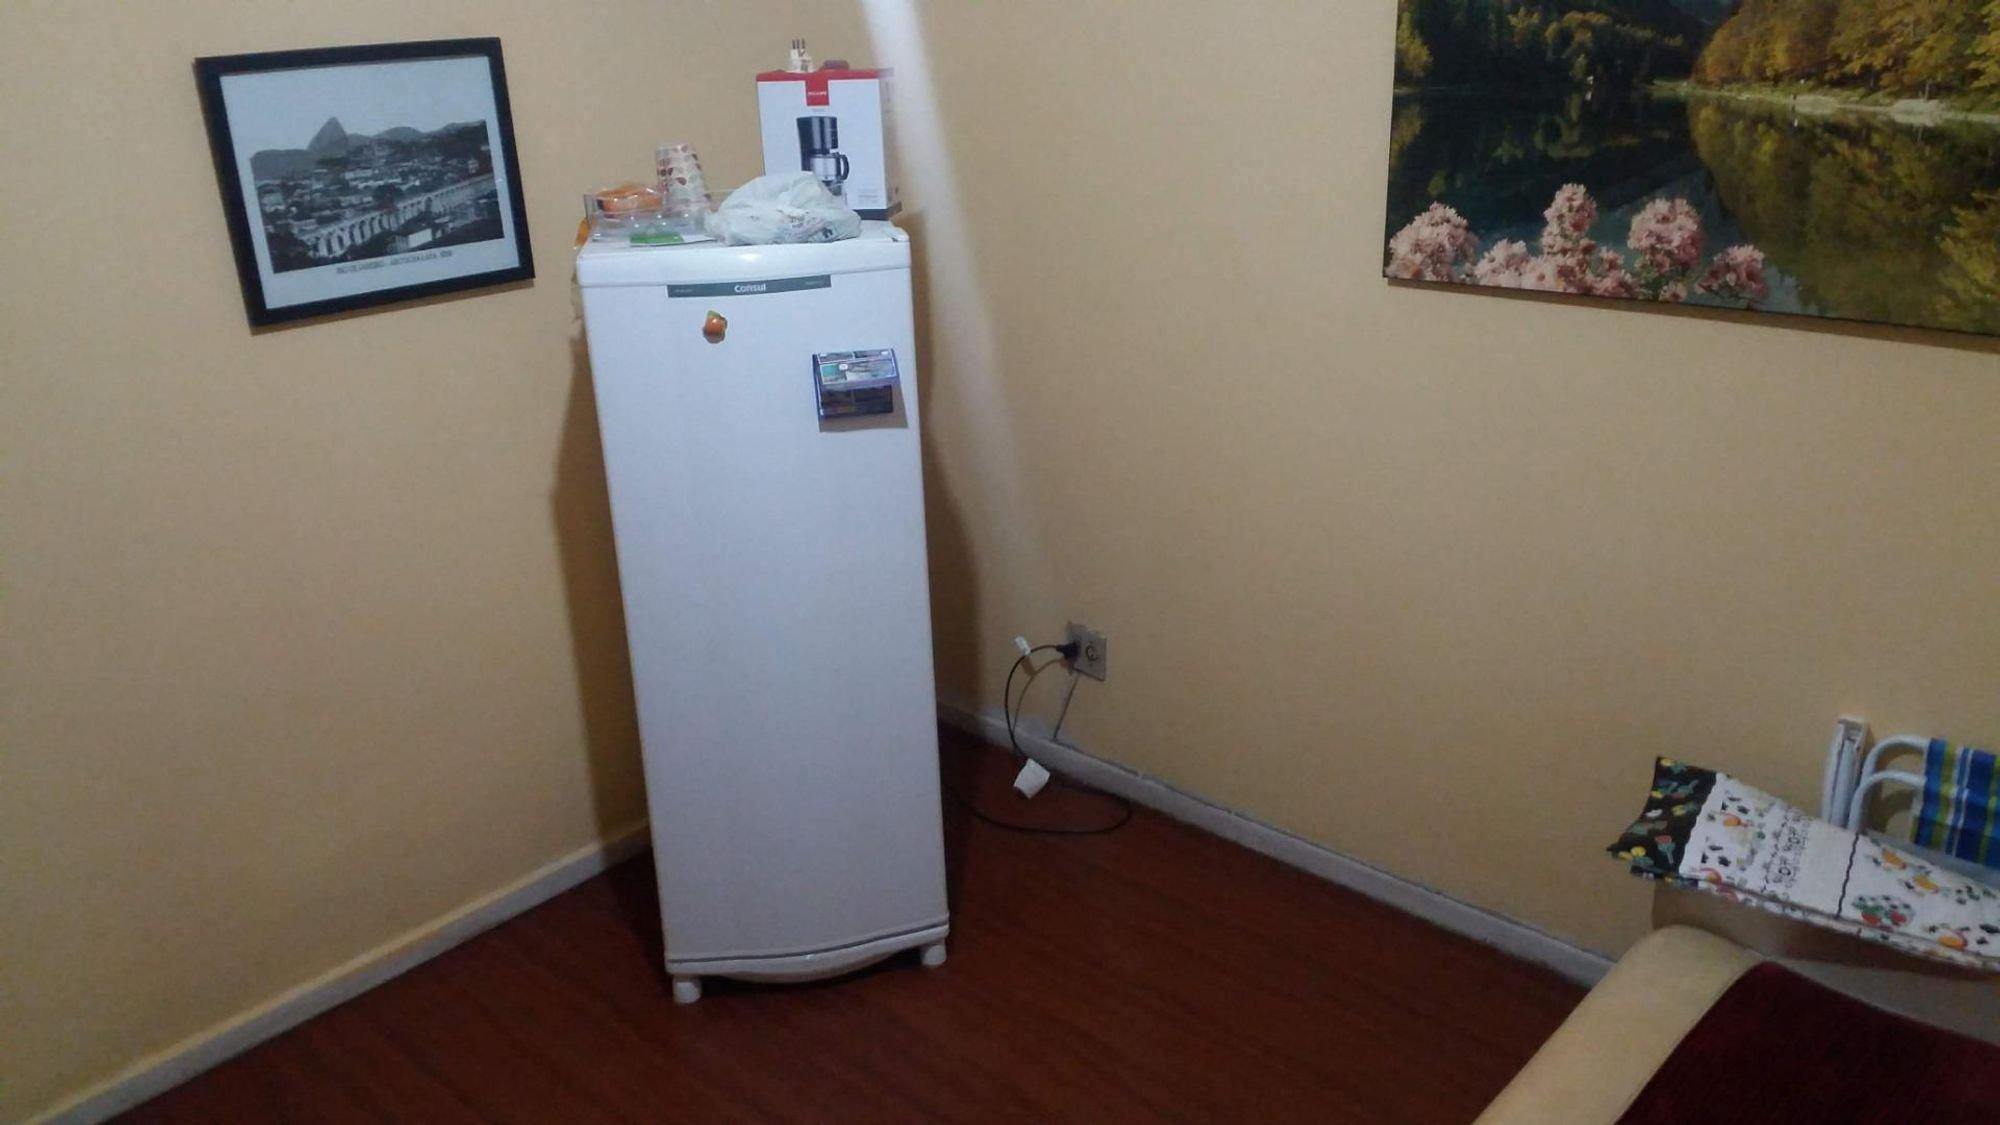 Foto de Sala com geladeira